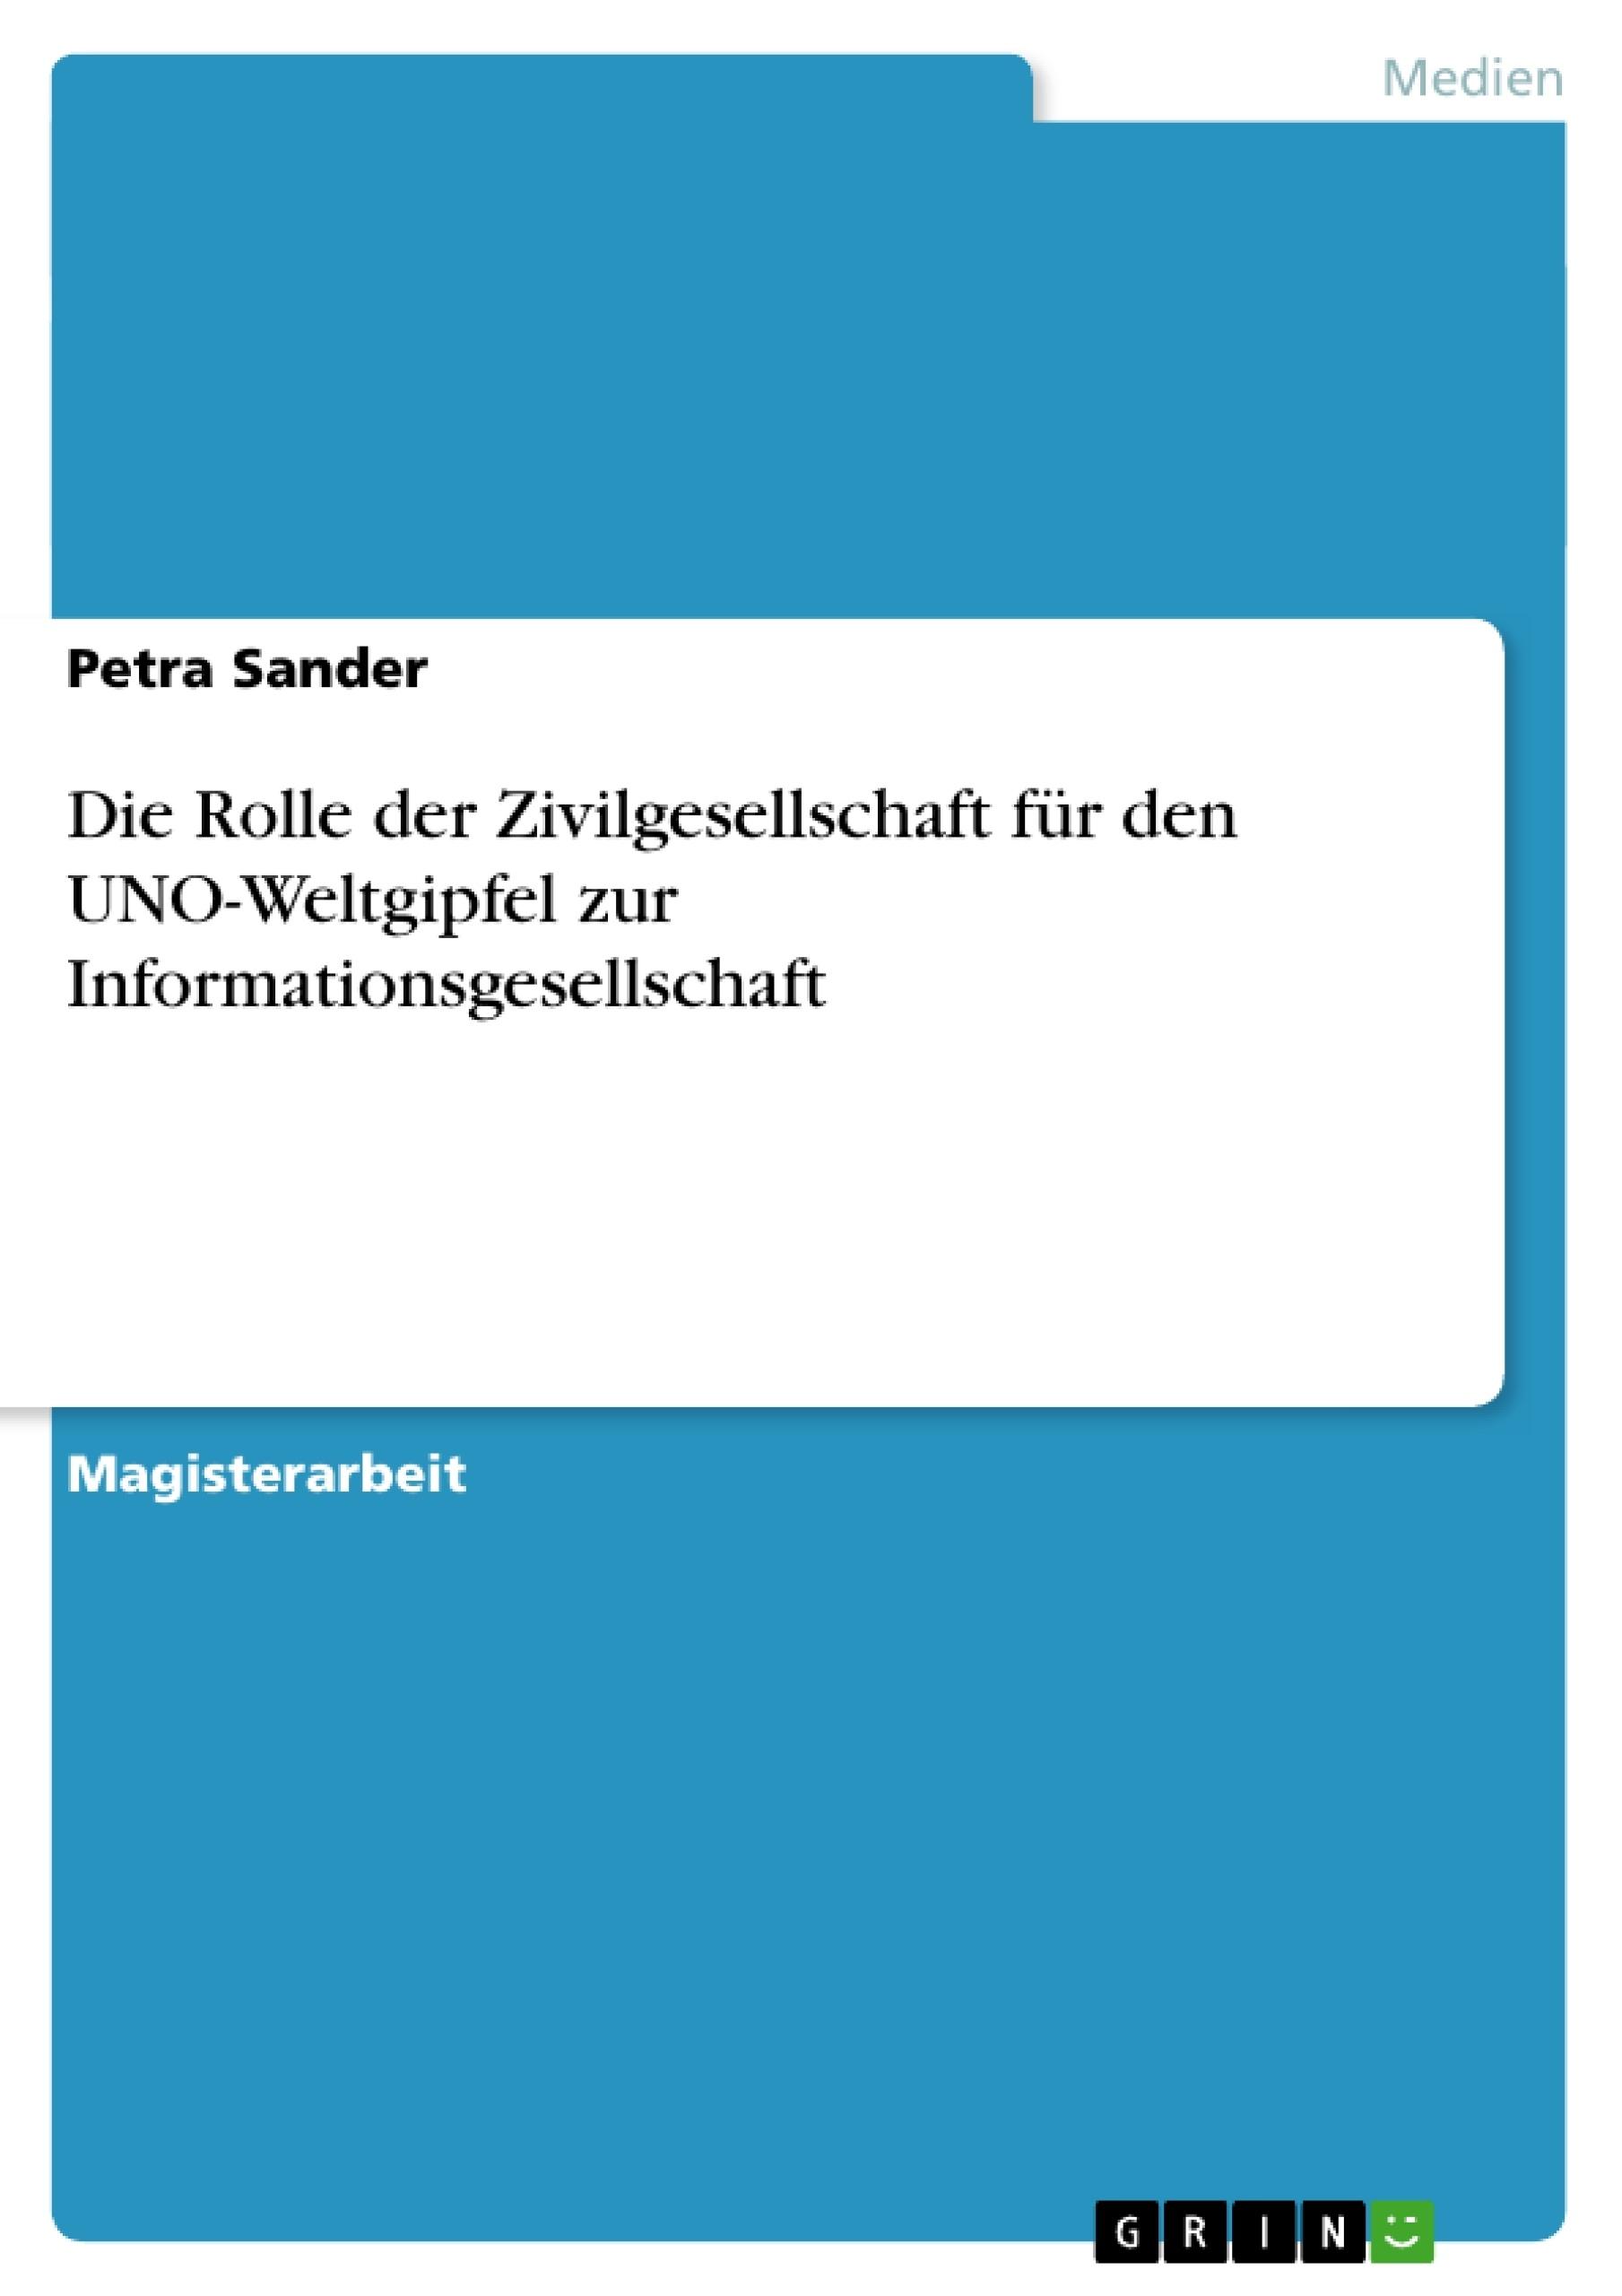 Titel: Die Rolle der Zivilgesellschaft für den UNO-Weltgipfel zur Informationsgesellschaft